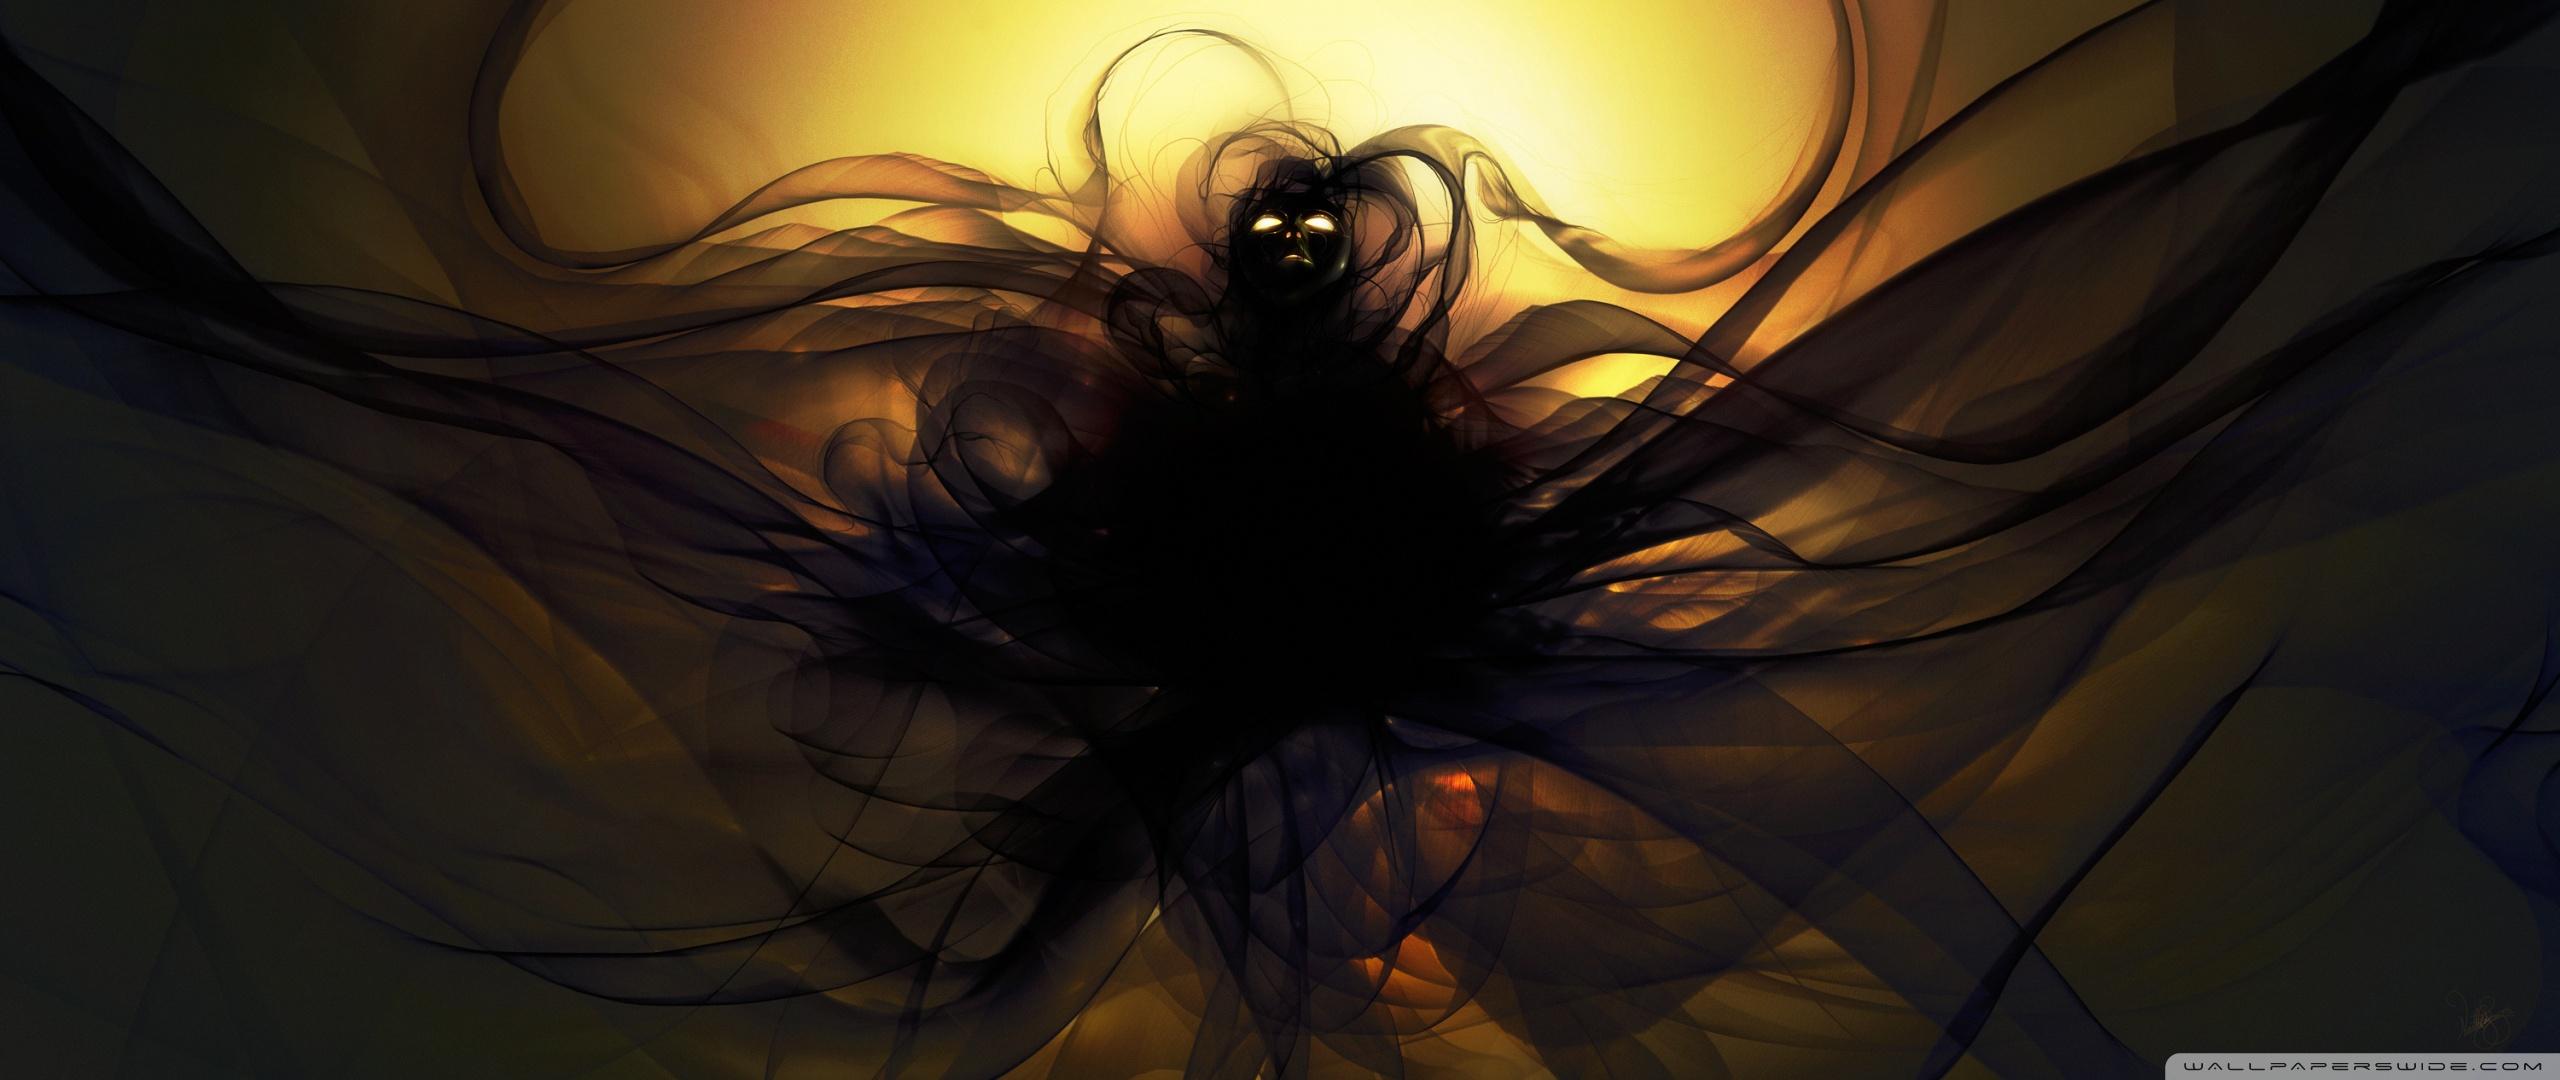 Darkness Power Fantasy Art - HD Wallpaper